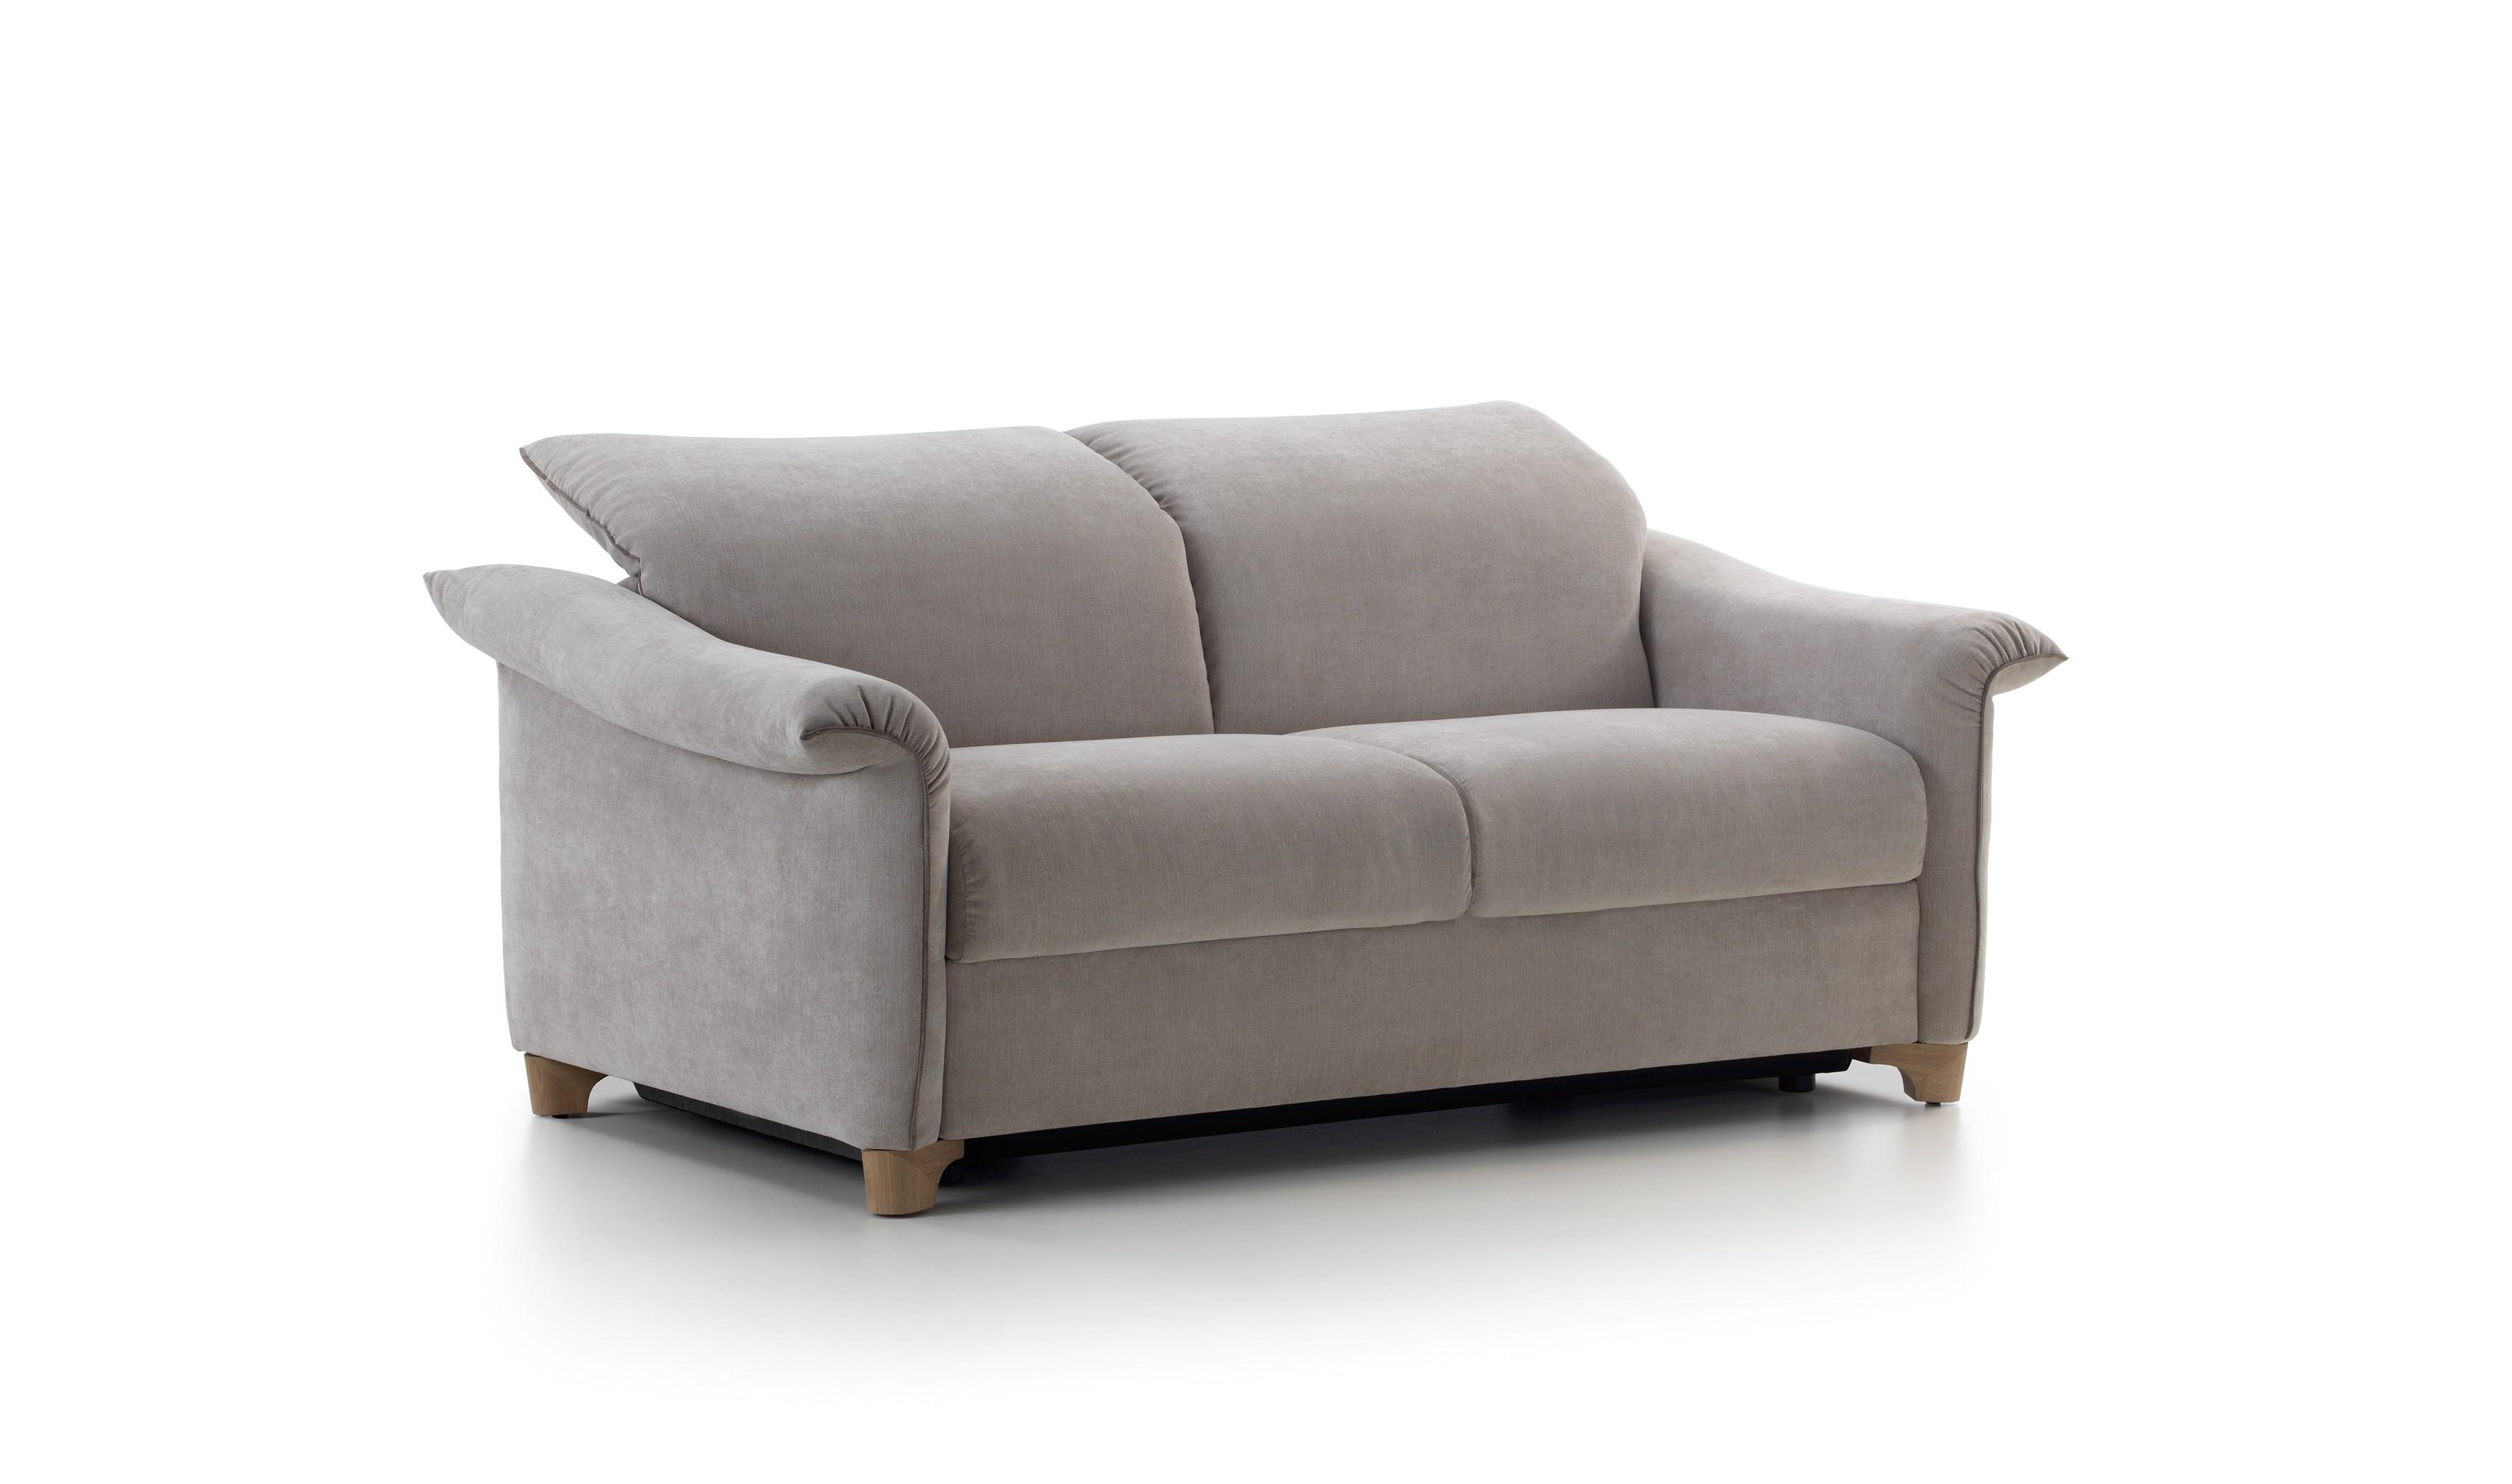 Made Chou Sofa Bed Review